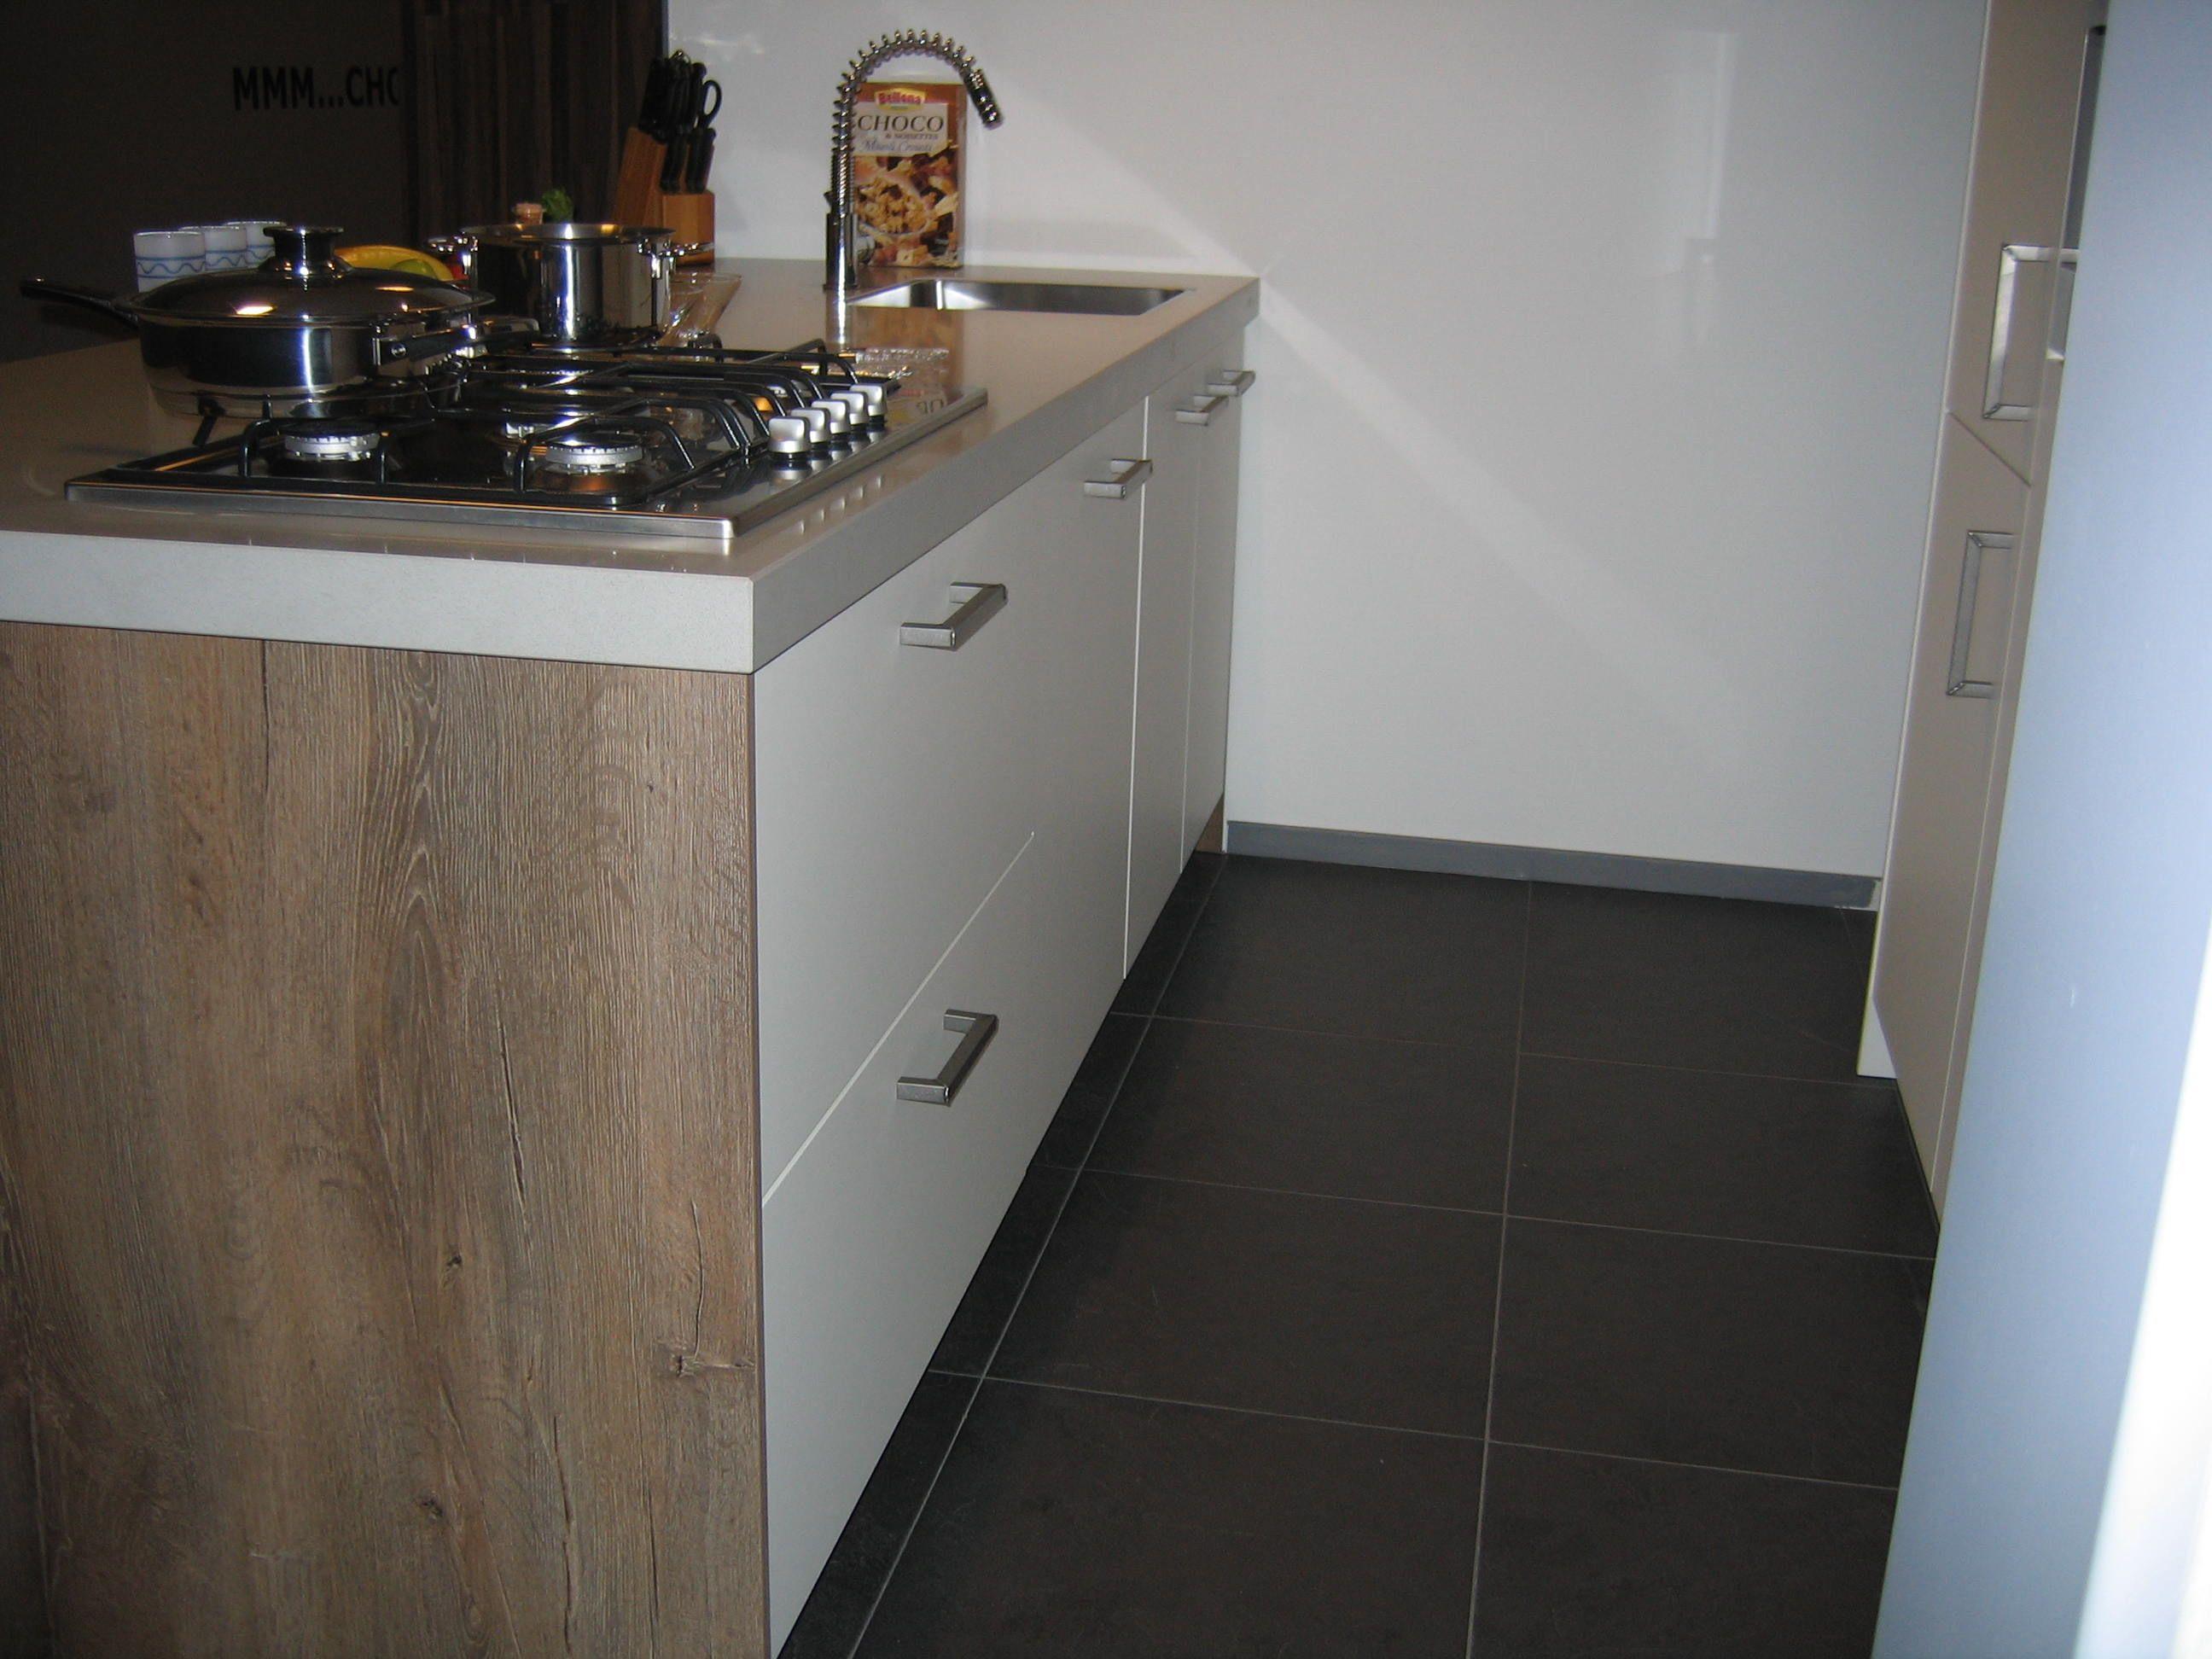 Keuken Modern Strak : Keuken Modern Strak : keukens voor zeer lage keuken prijzen Modern